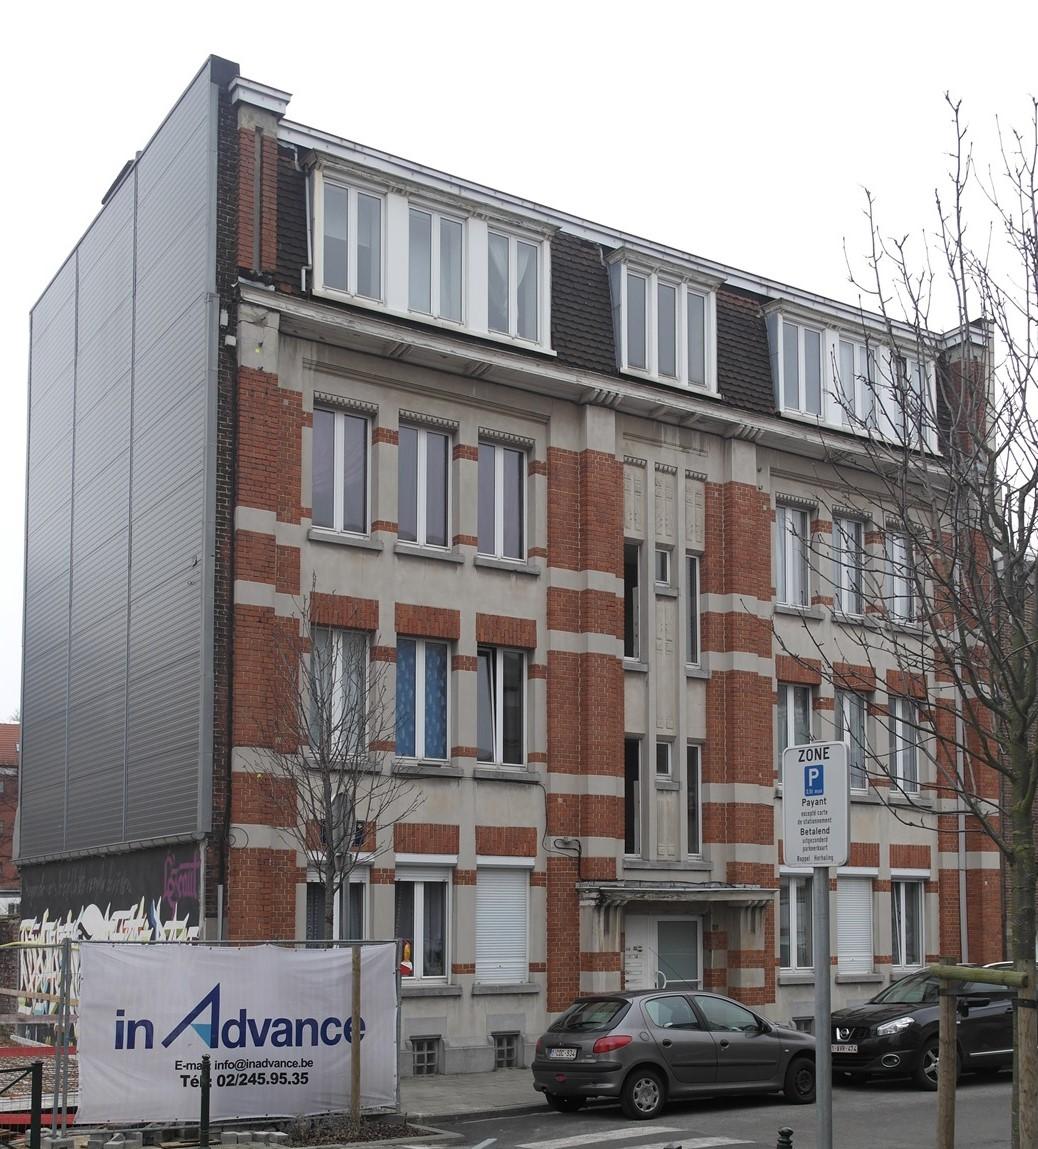 Rue de l'escaut 153, 2015